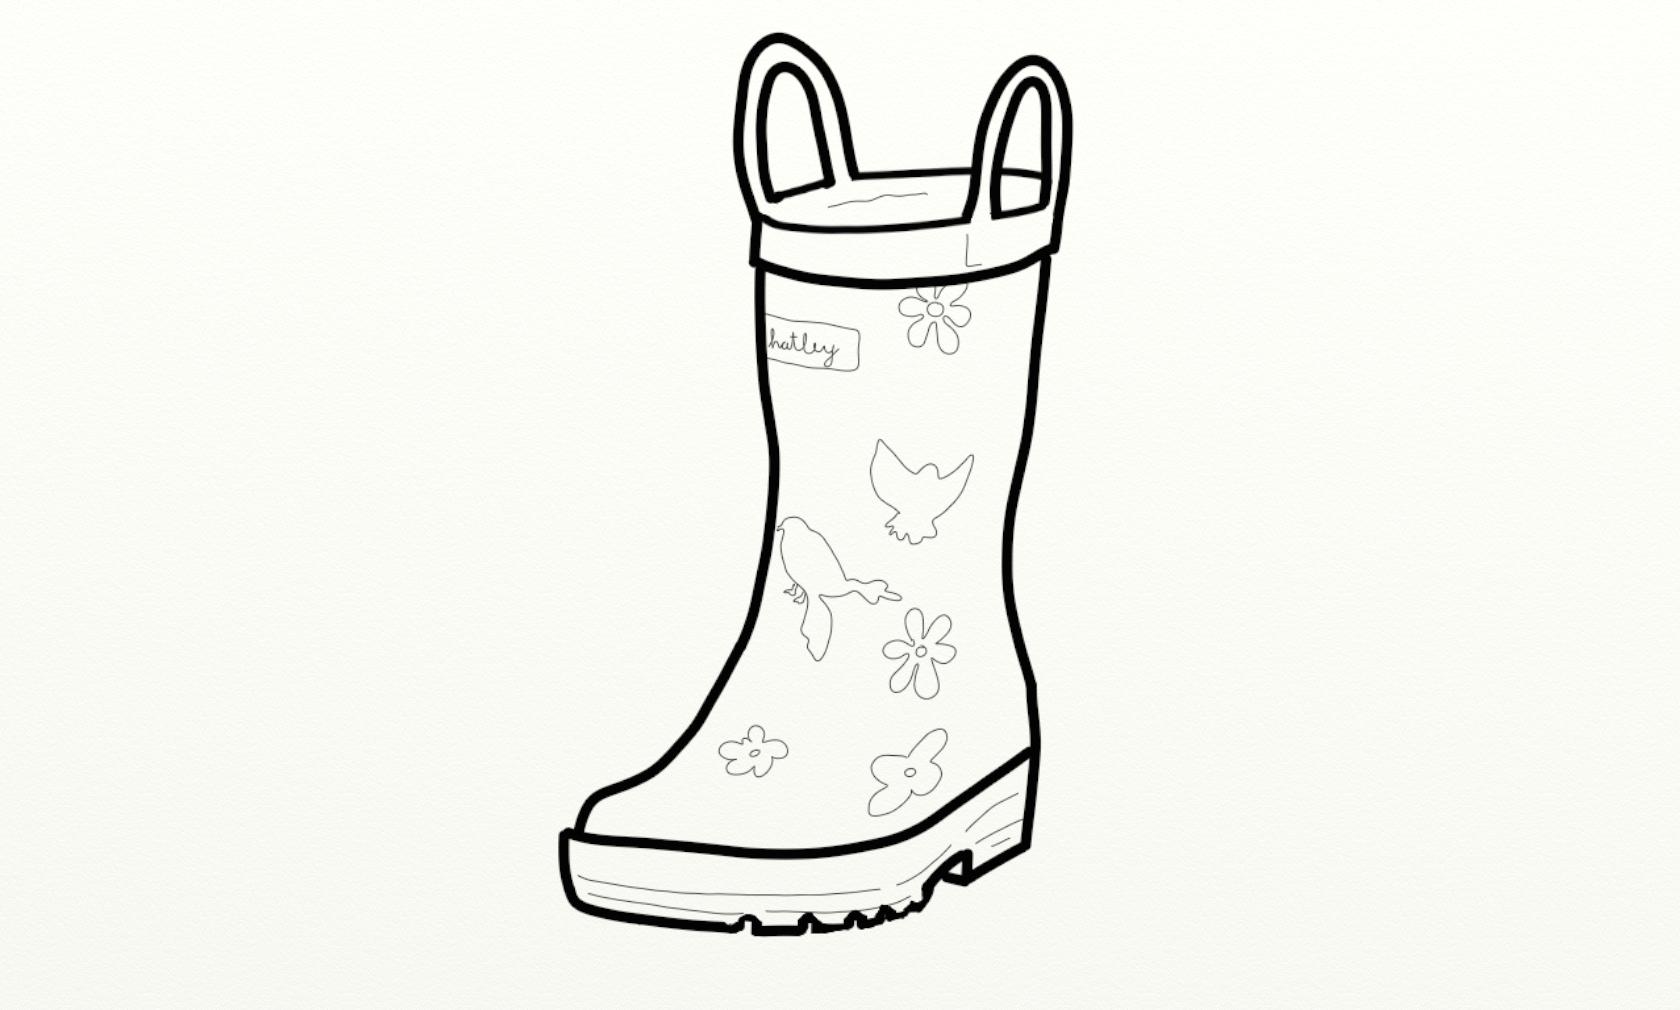 Rain boots the boot kidz girl'wellington boots girl'wellies clip art